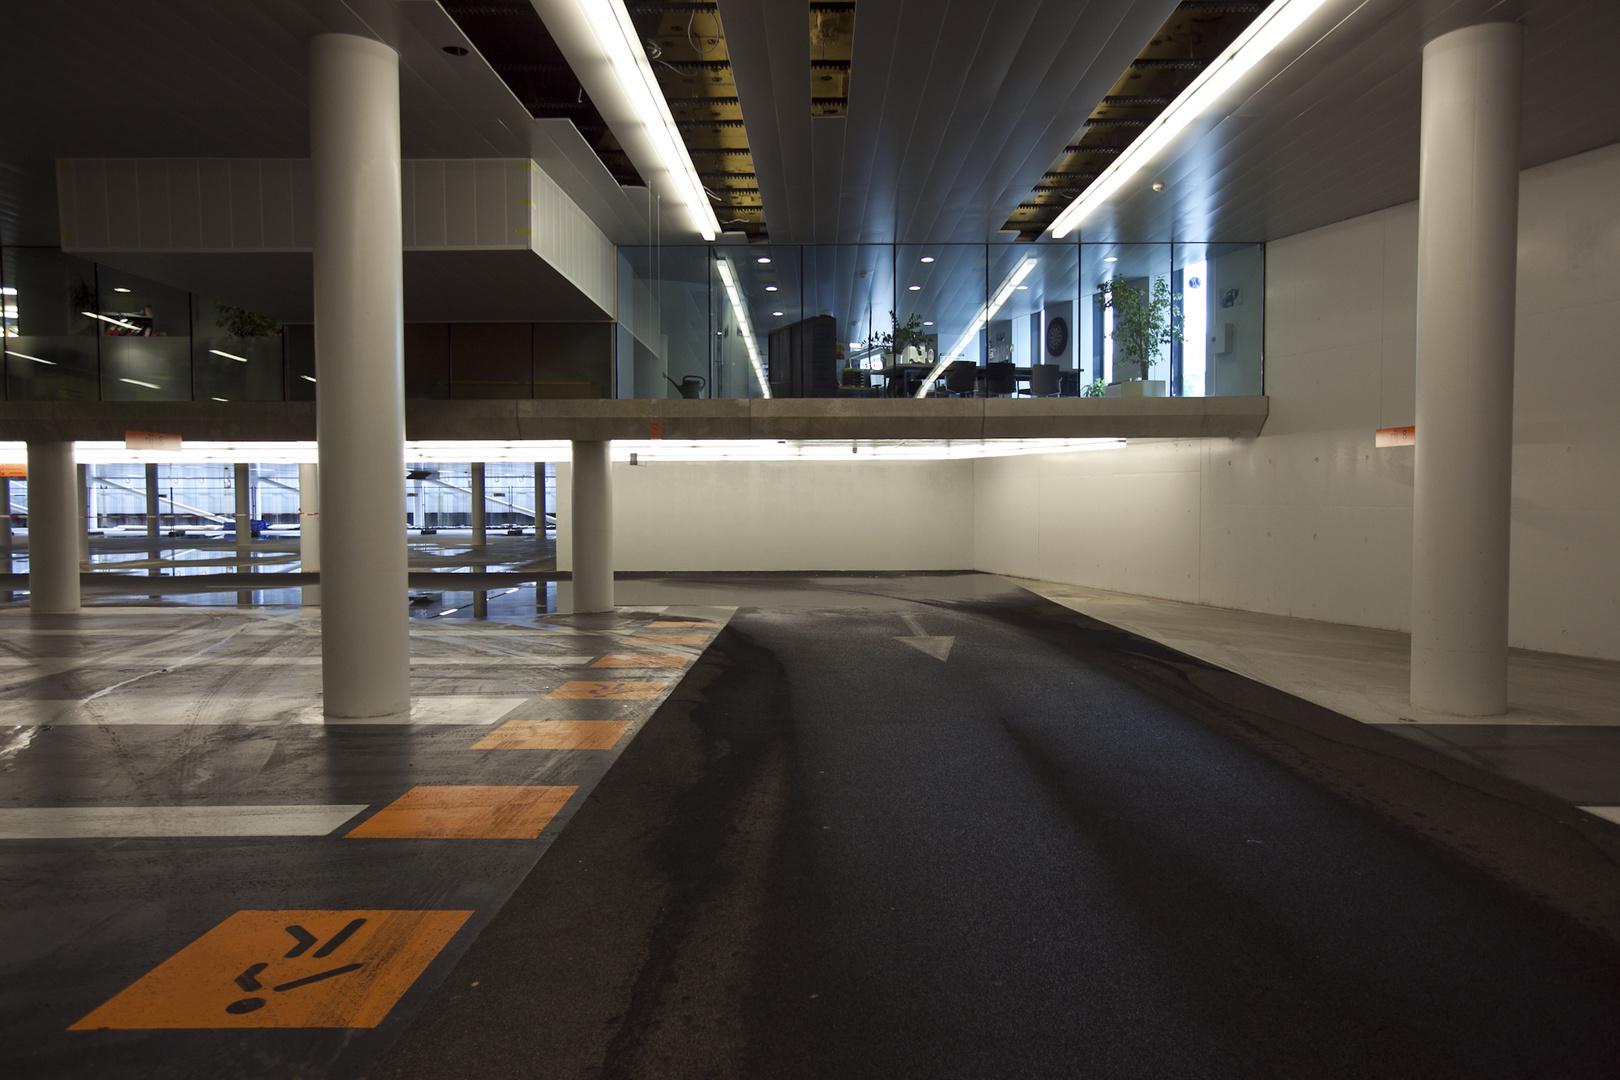 NL_Nieuwegein_Parking_Stadhuis_Interior_2012_RS-7.jpg